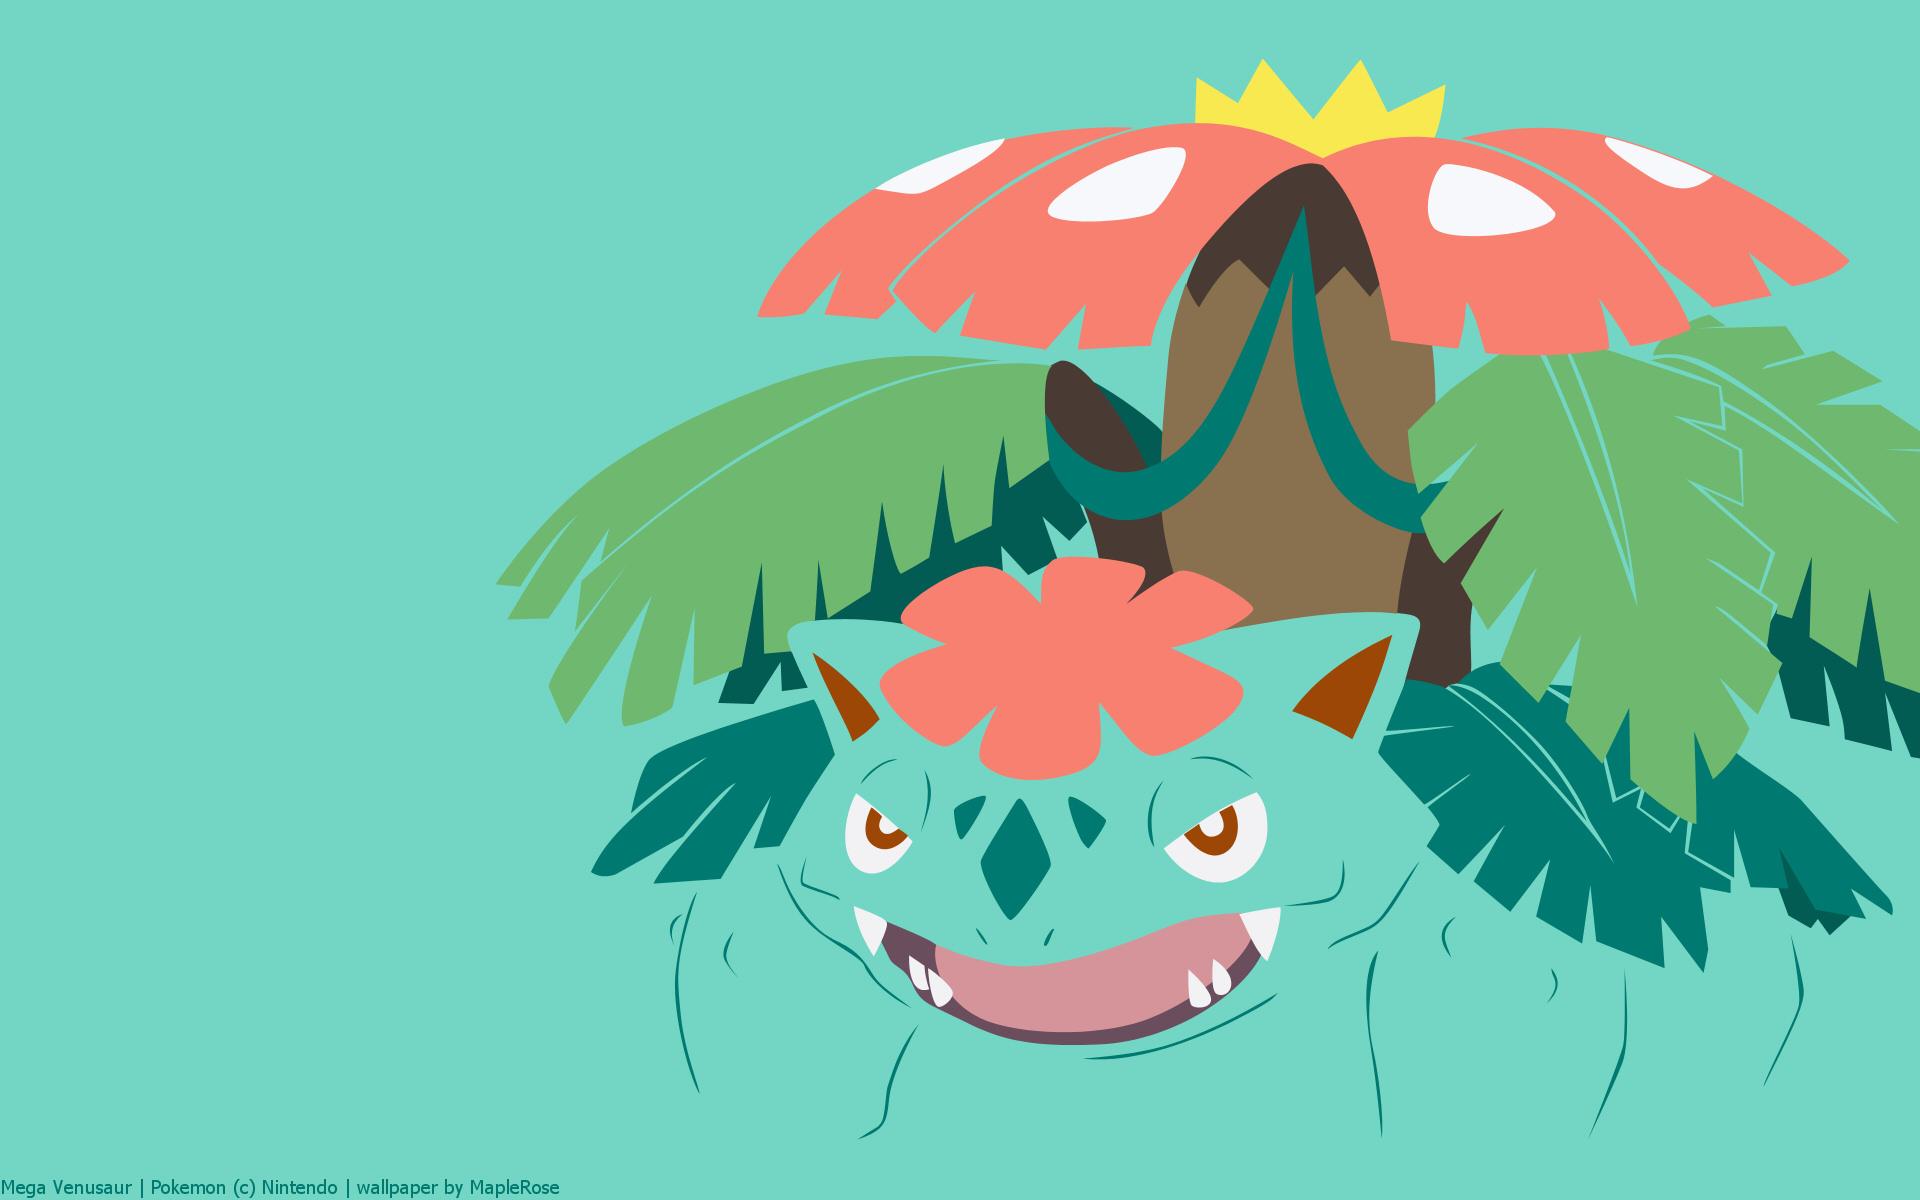 Ảnh Mega Venusaur cực đẹp